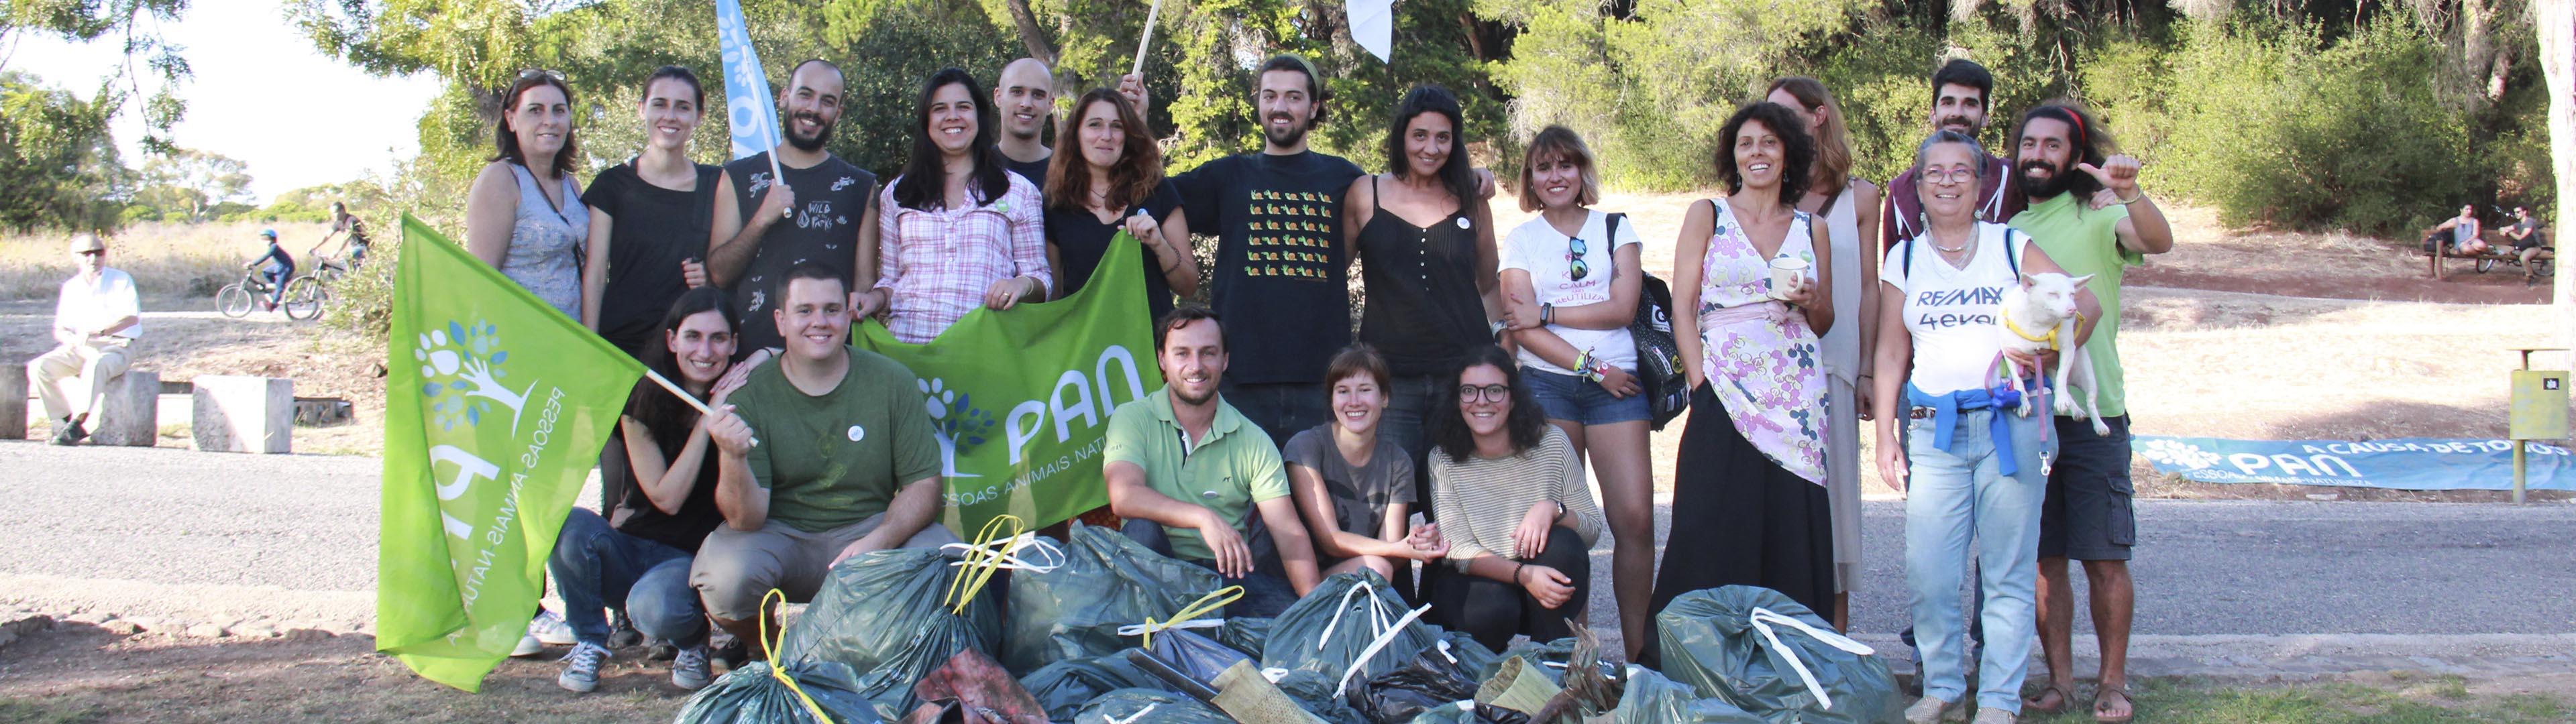 Grupo de pessoas juntam-se para fotografia com bandeiras e tshirts do PAN